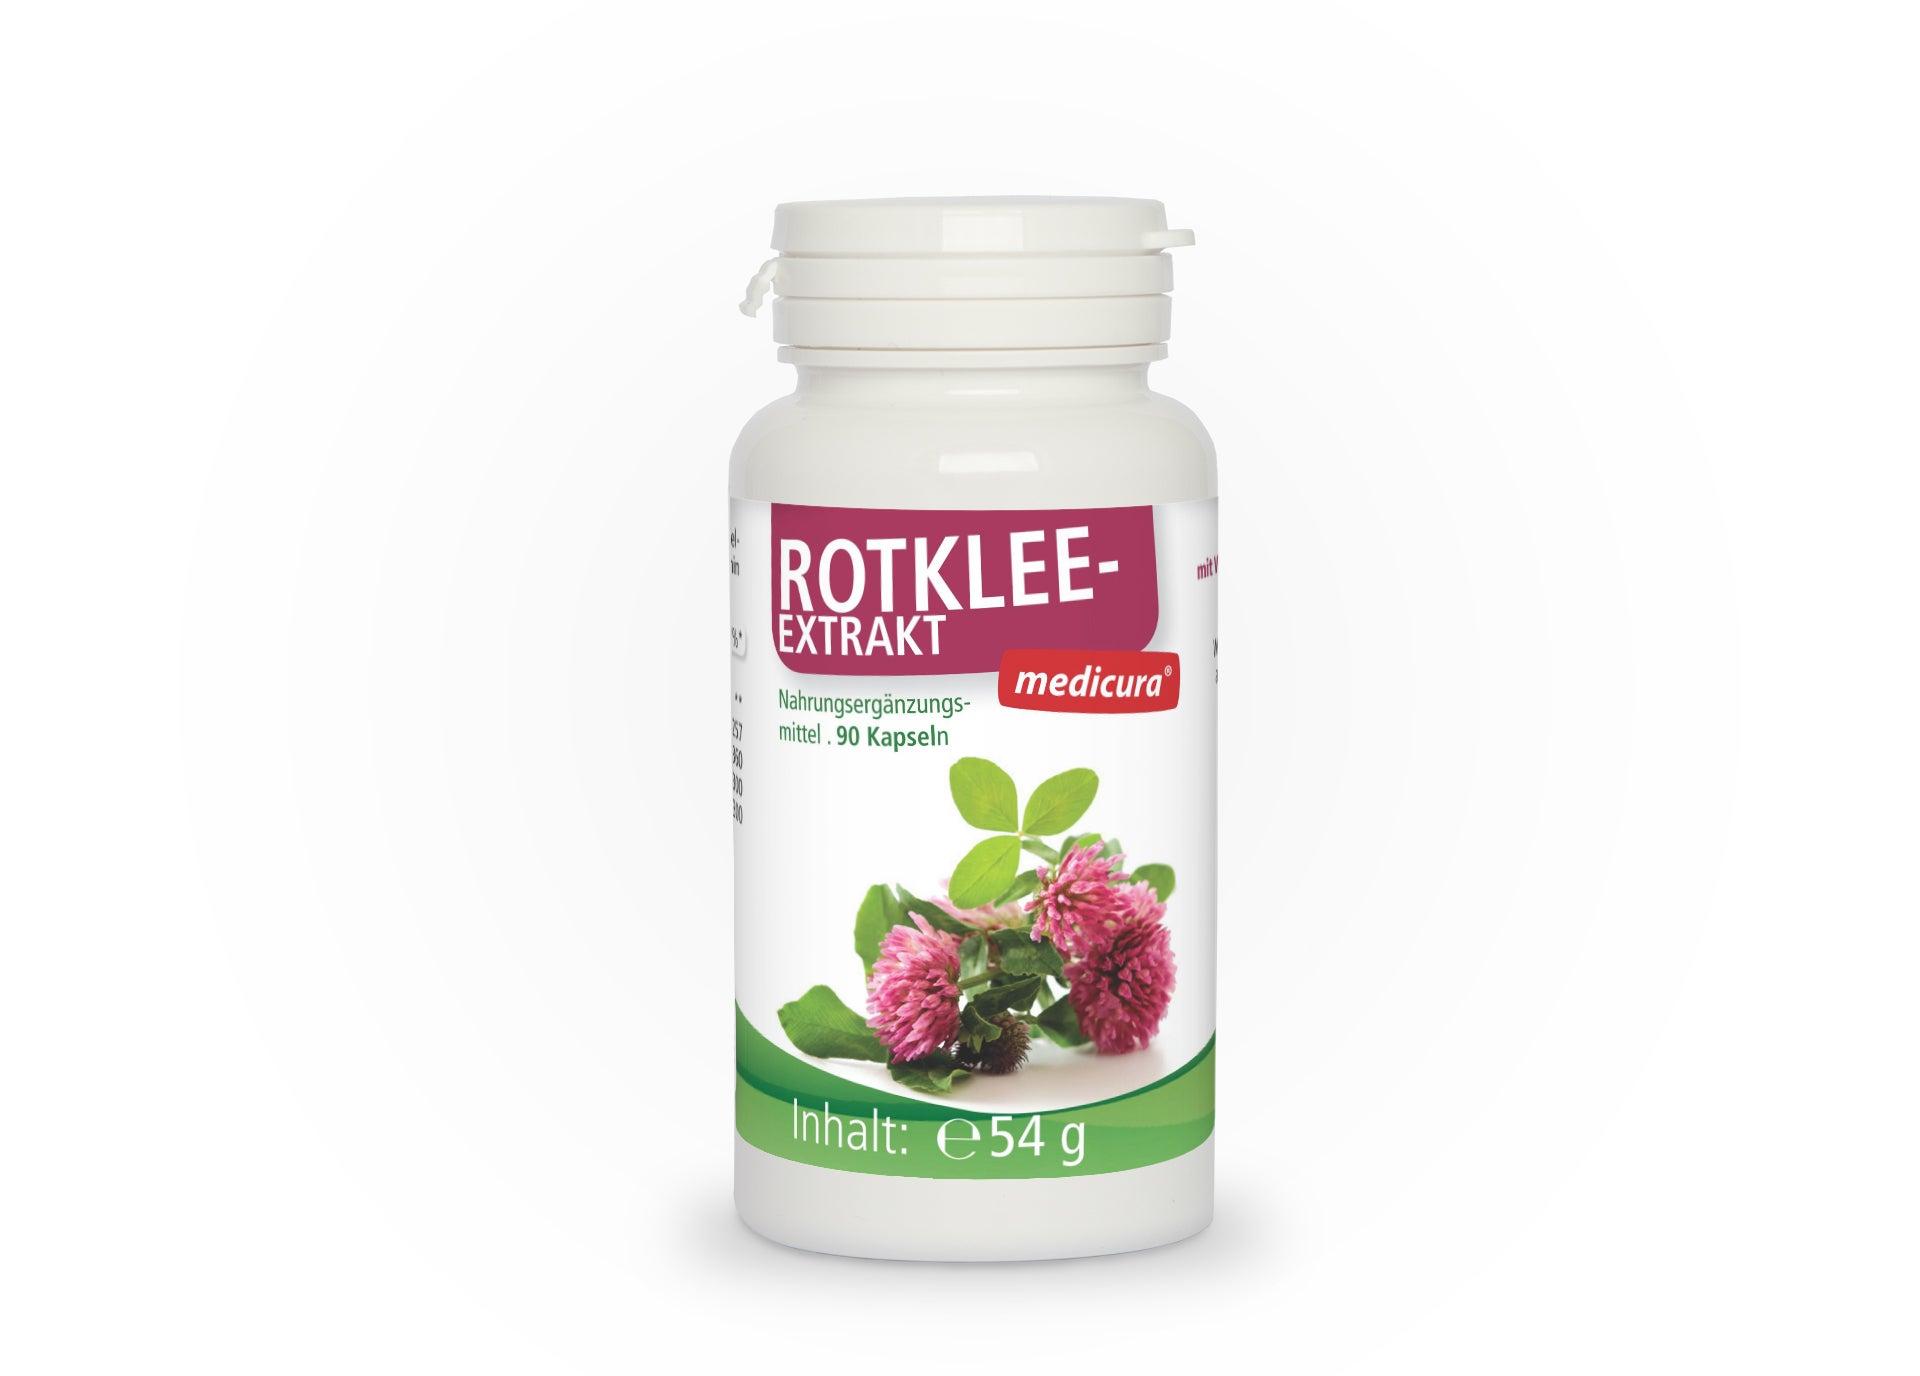 Rotklee-Extrakt - 90 Kapseln